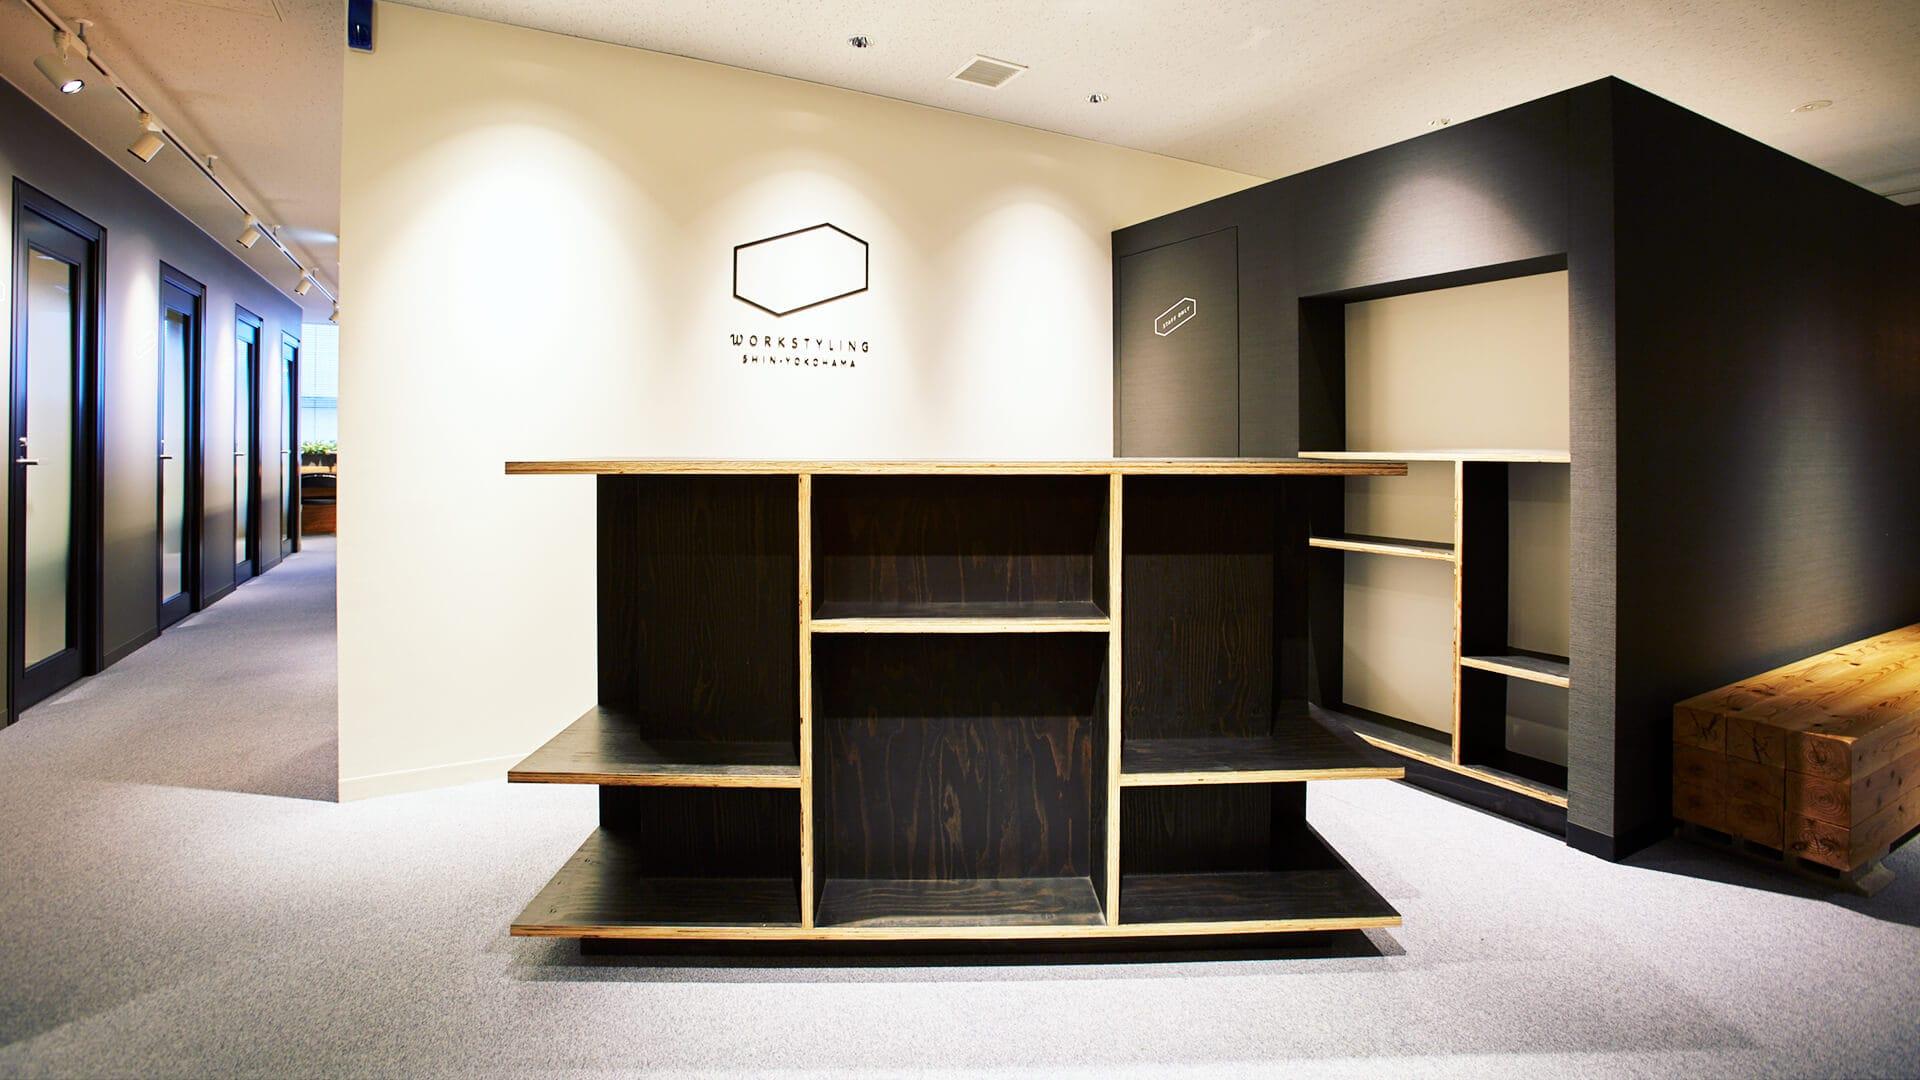 ワークスタイリング_WORKSTYLING新横浜_新横浜レンタルオフィス・シェアオフィス (4)